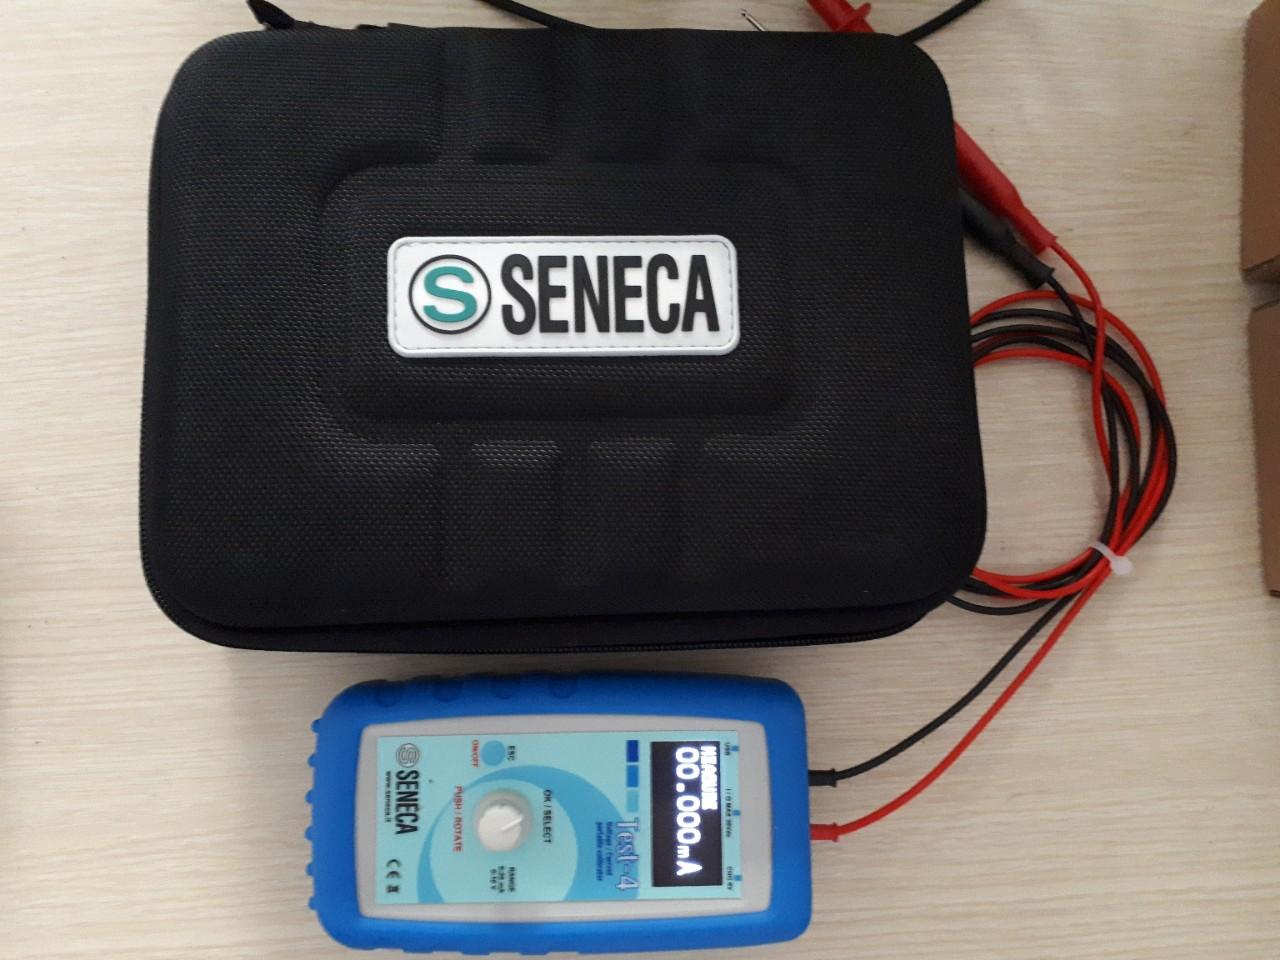 bộ kiểm tra tín hiệu 4-20mA